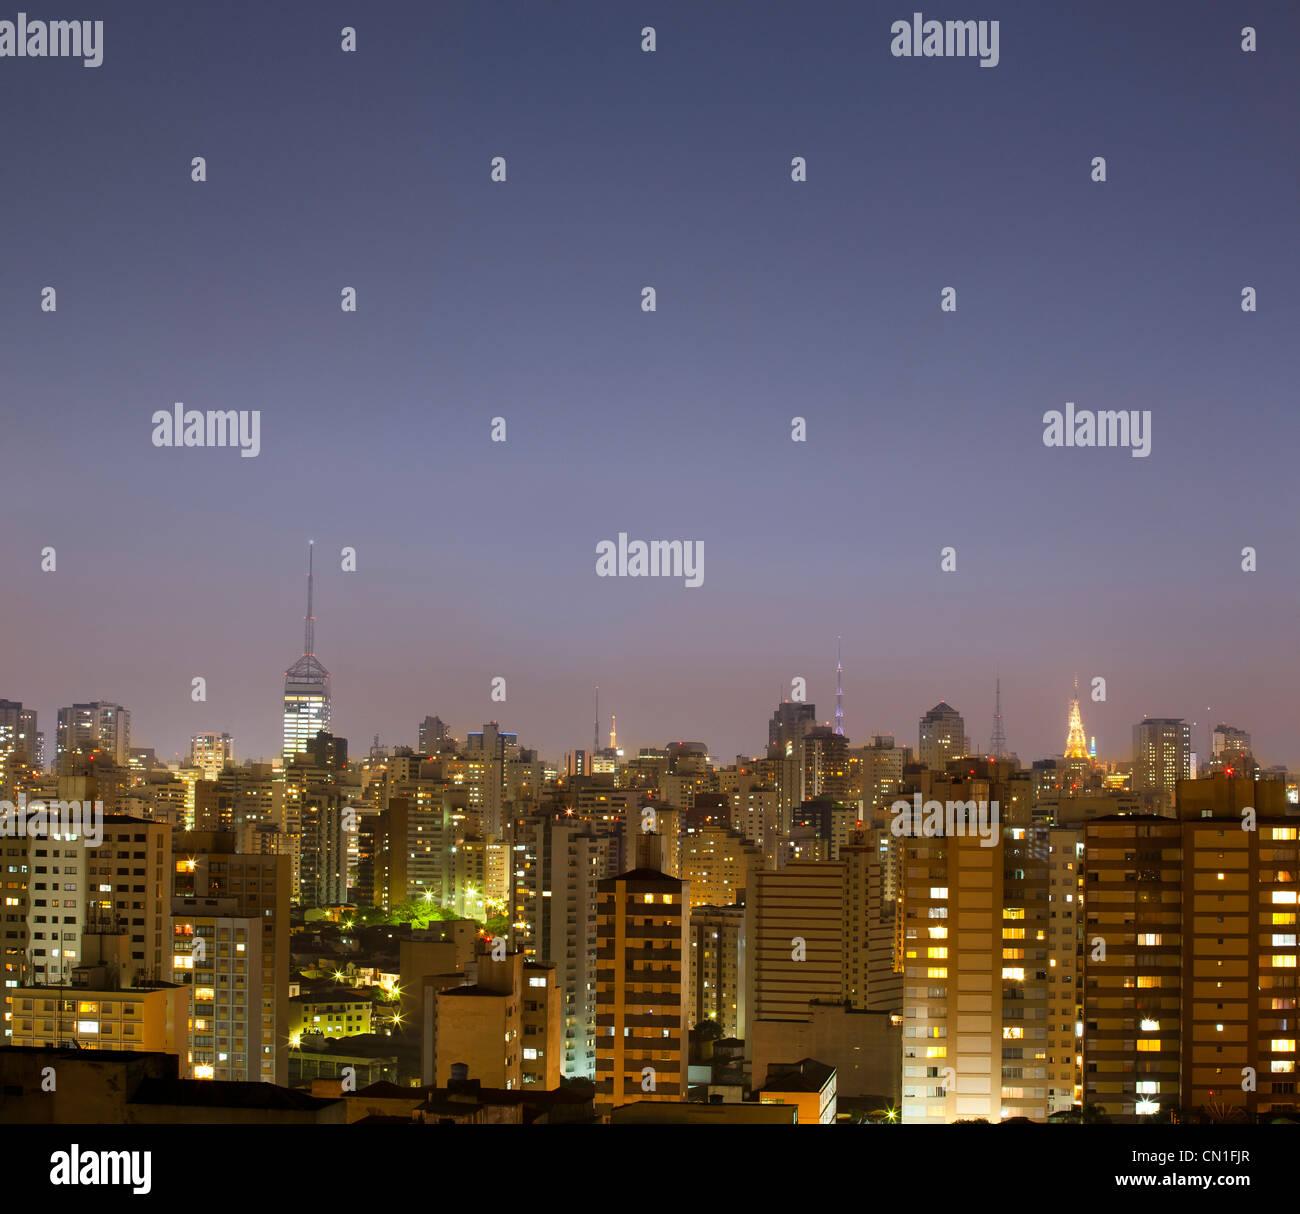 Sao Paulo città al crepuscolo, Brasile. Immagini Stock